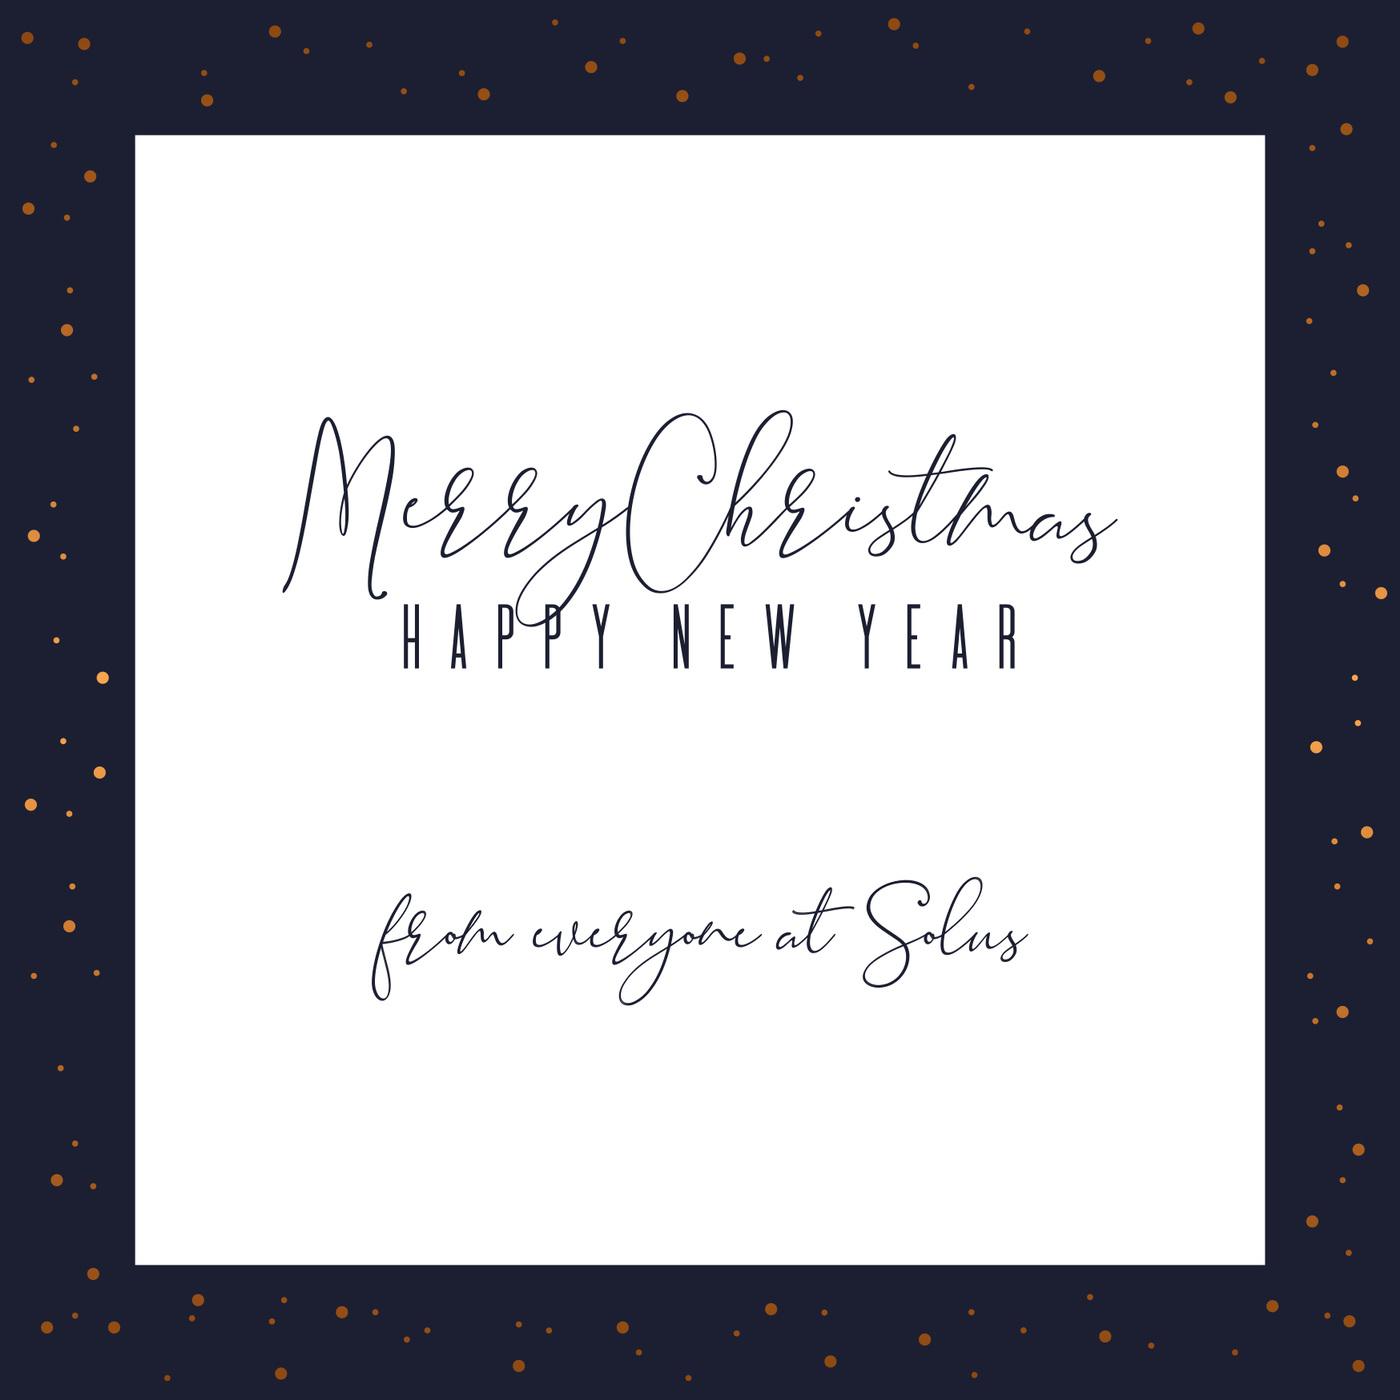 Lara-Jane van Antwerpen - Christmas Card Inner